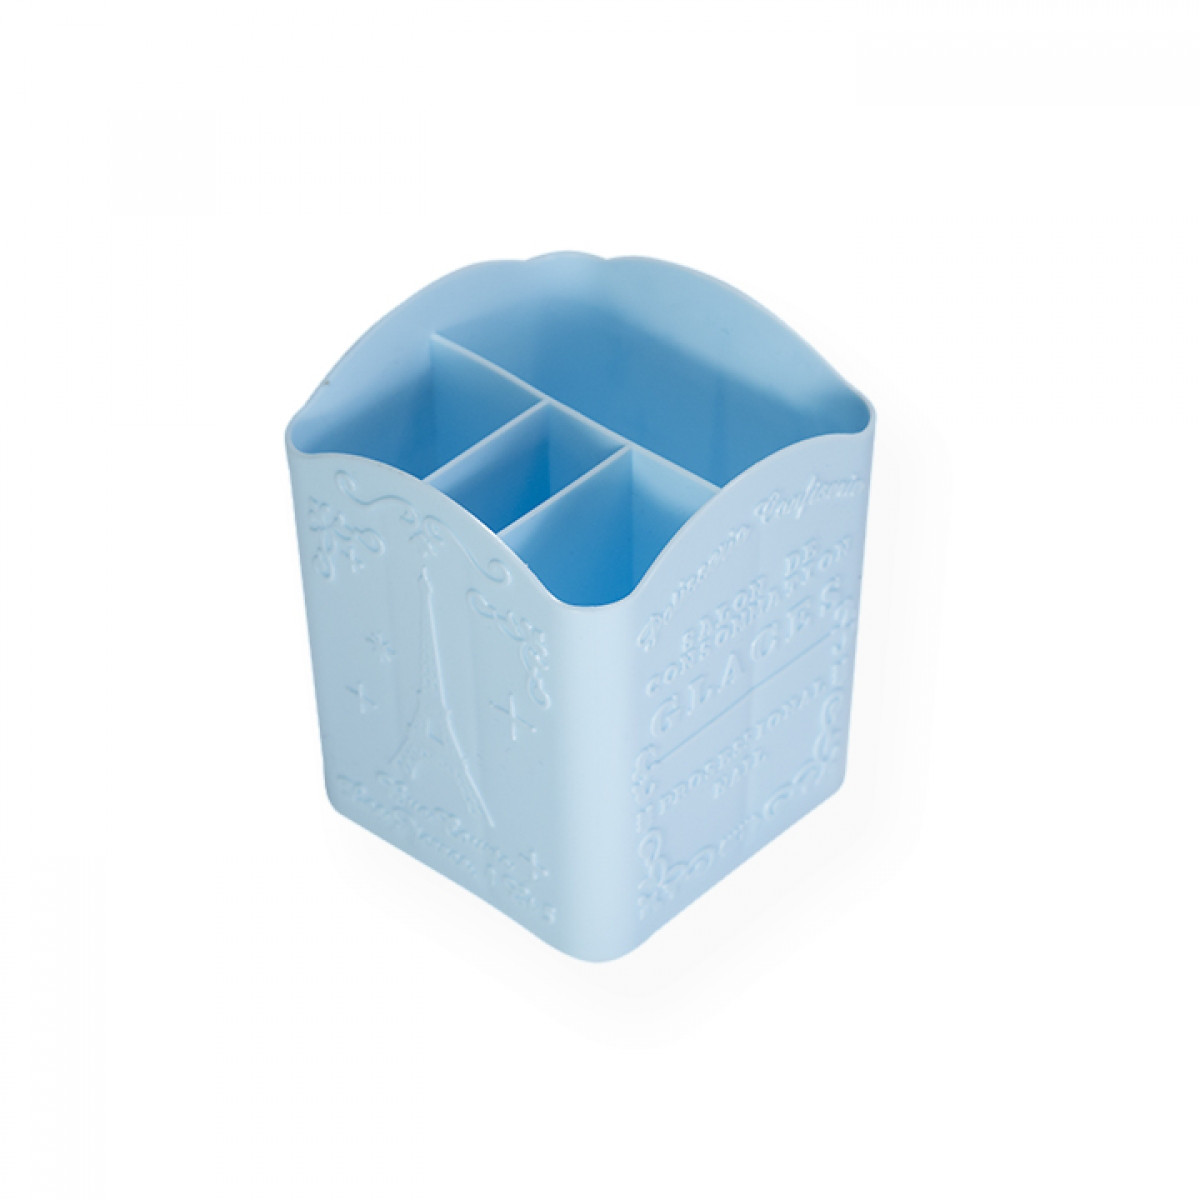 Подставка для кистей и пилок SQ-05 (01 голубая)